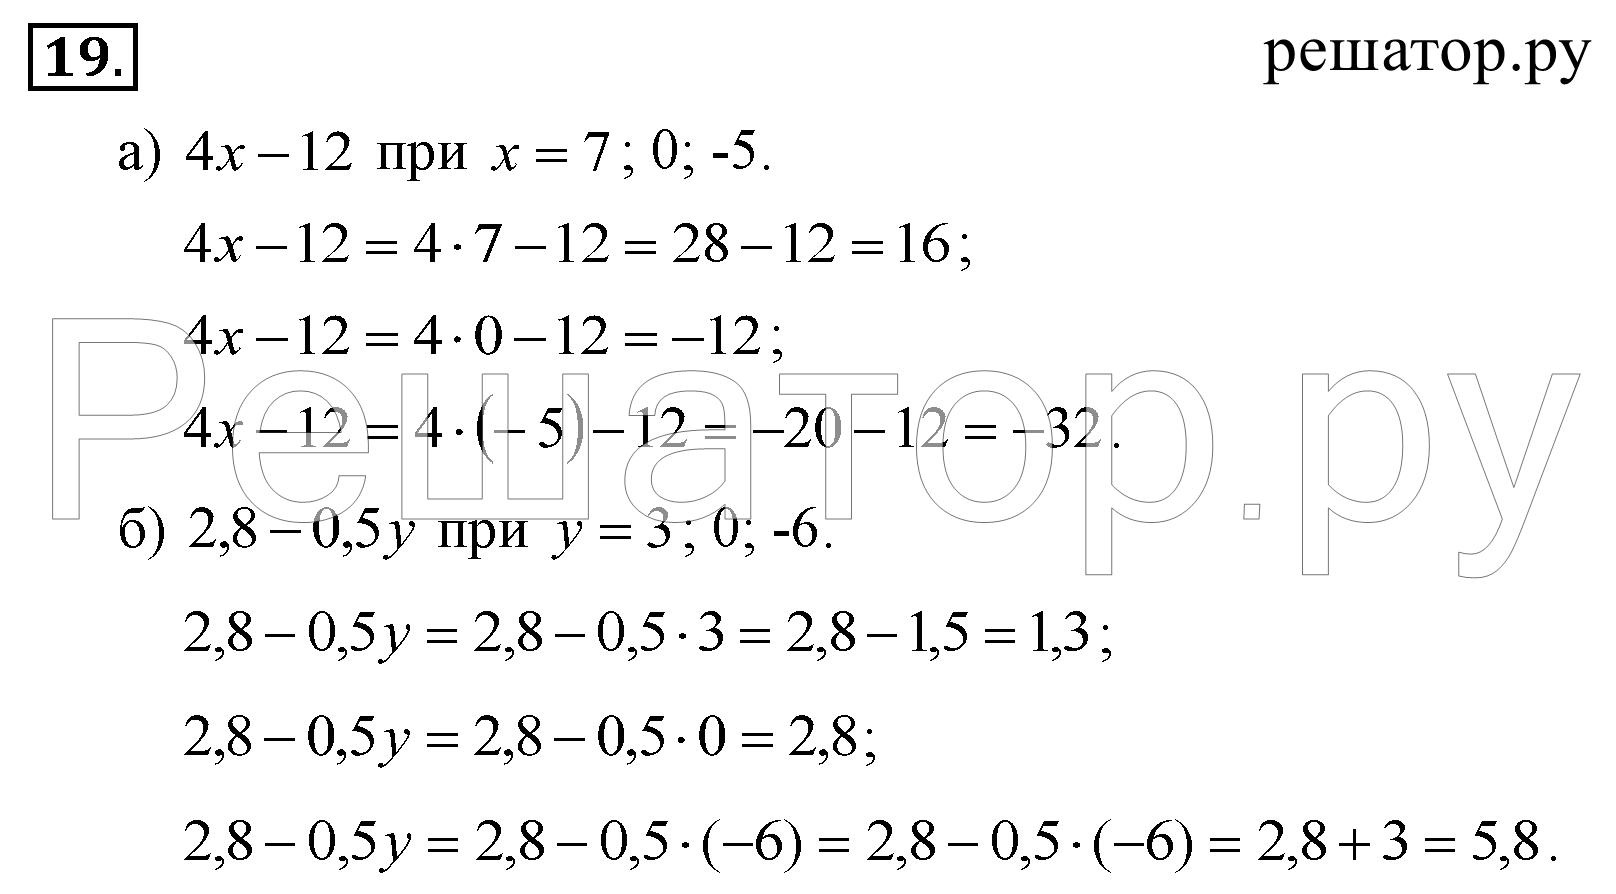 Скачать гдз по математике 7 класс макарычева